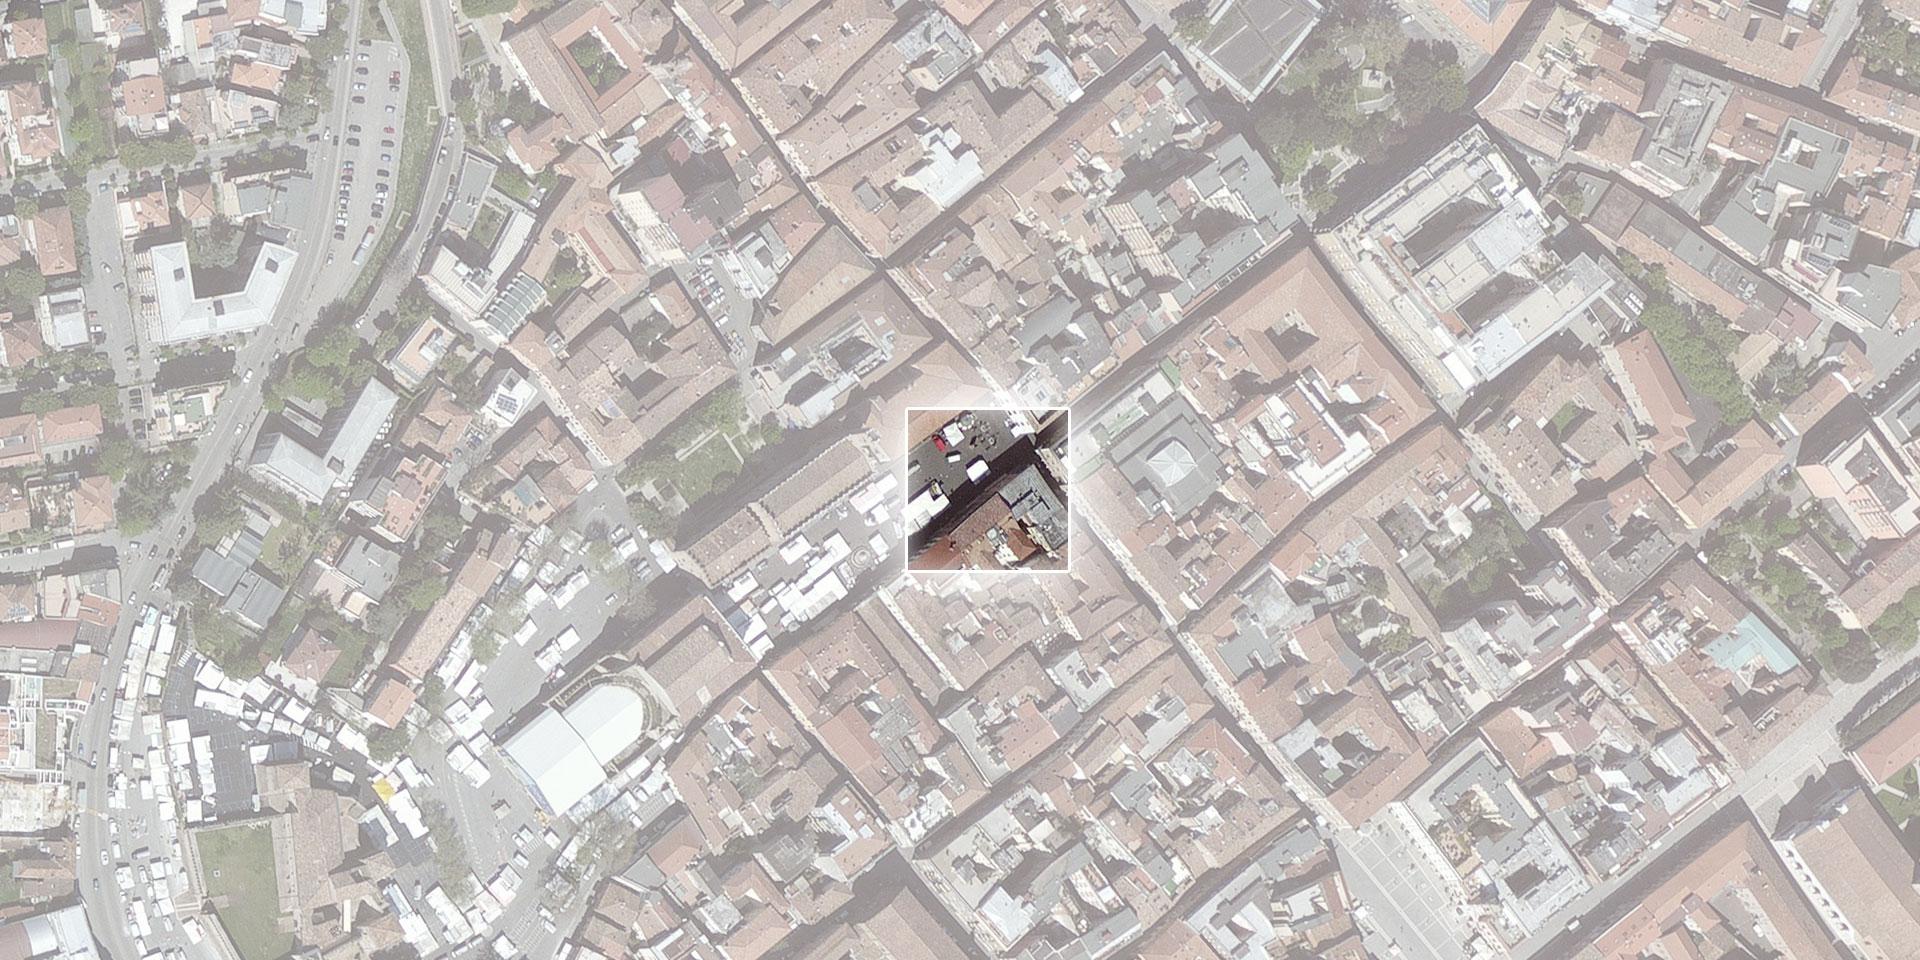 archinow_DM_parrucchiere-piazza-cavour_01